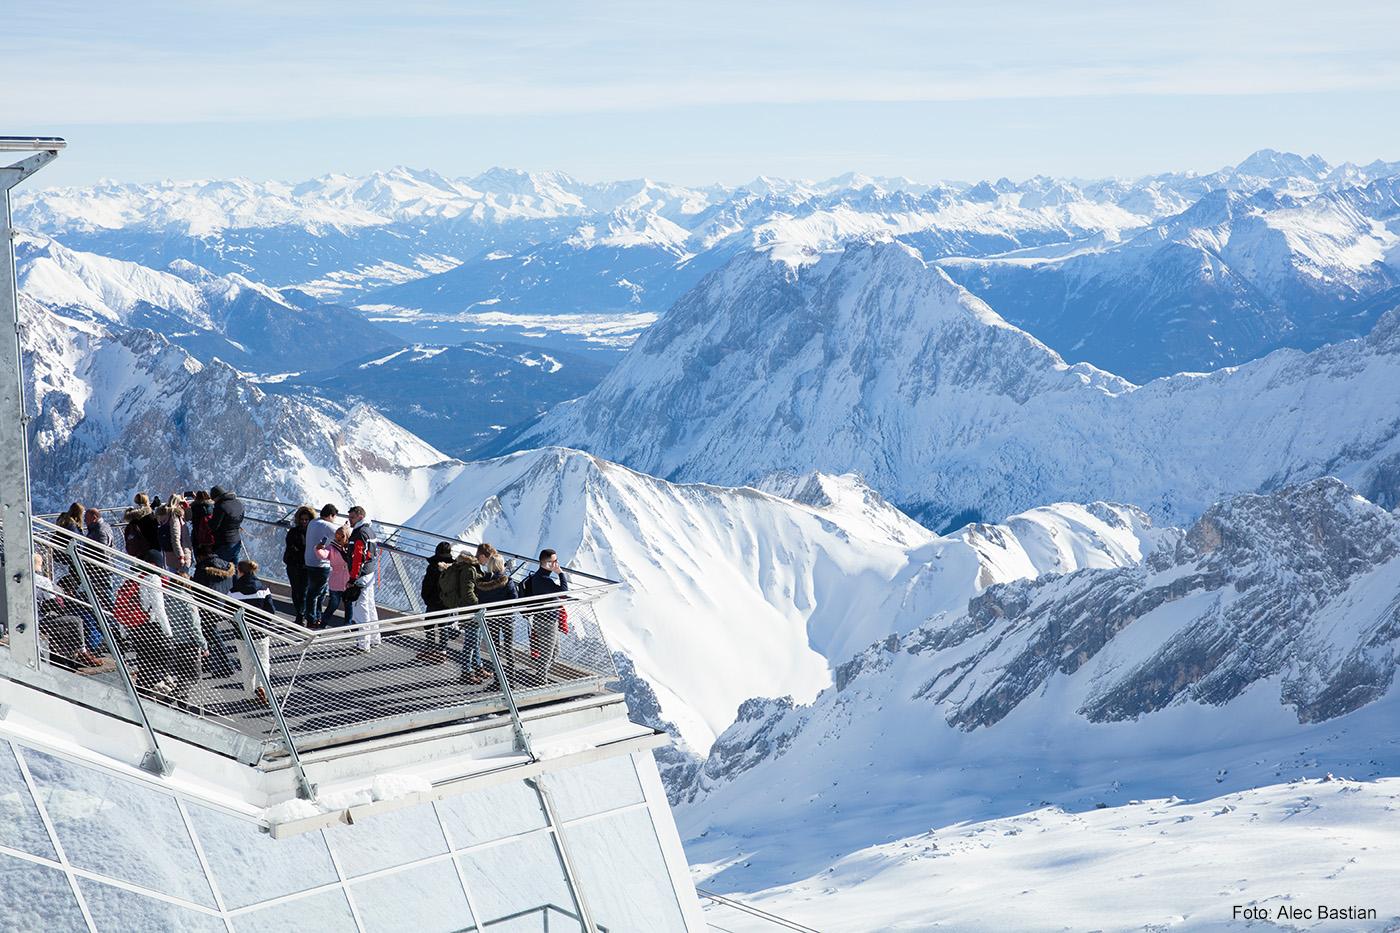 SYMPHONIE IN BLAU Fantastischer Ausblick auf Deutschlands höchstem Berggipfel.